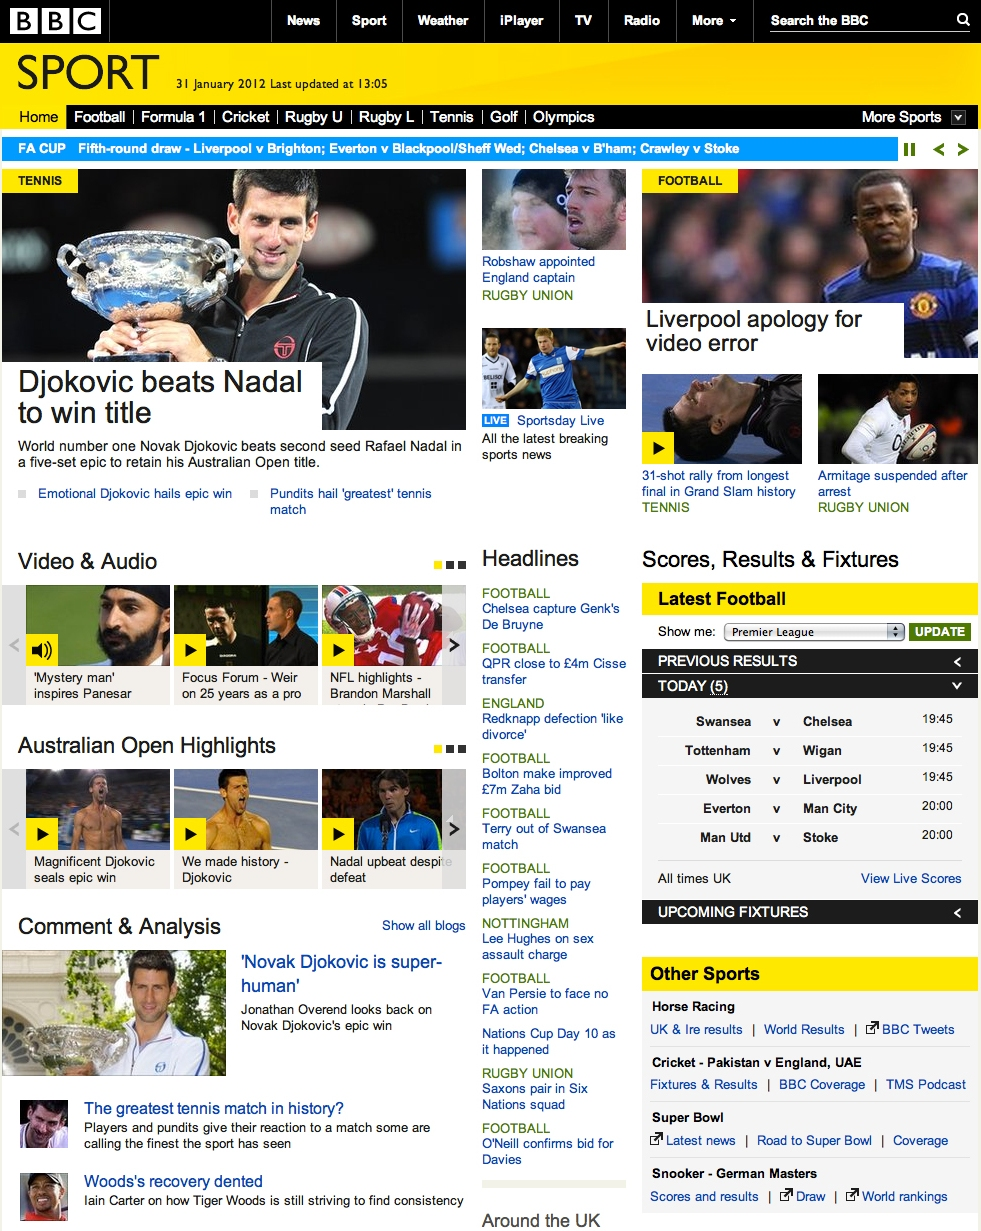 bbc sport com: